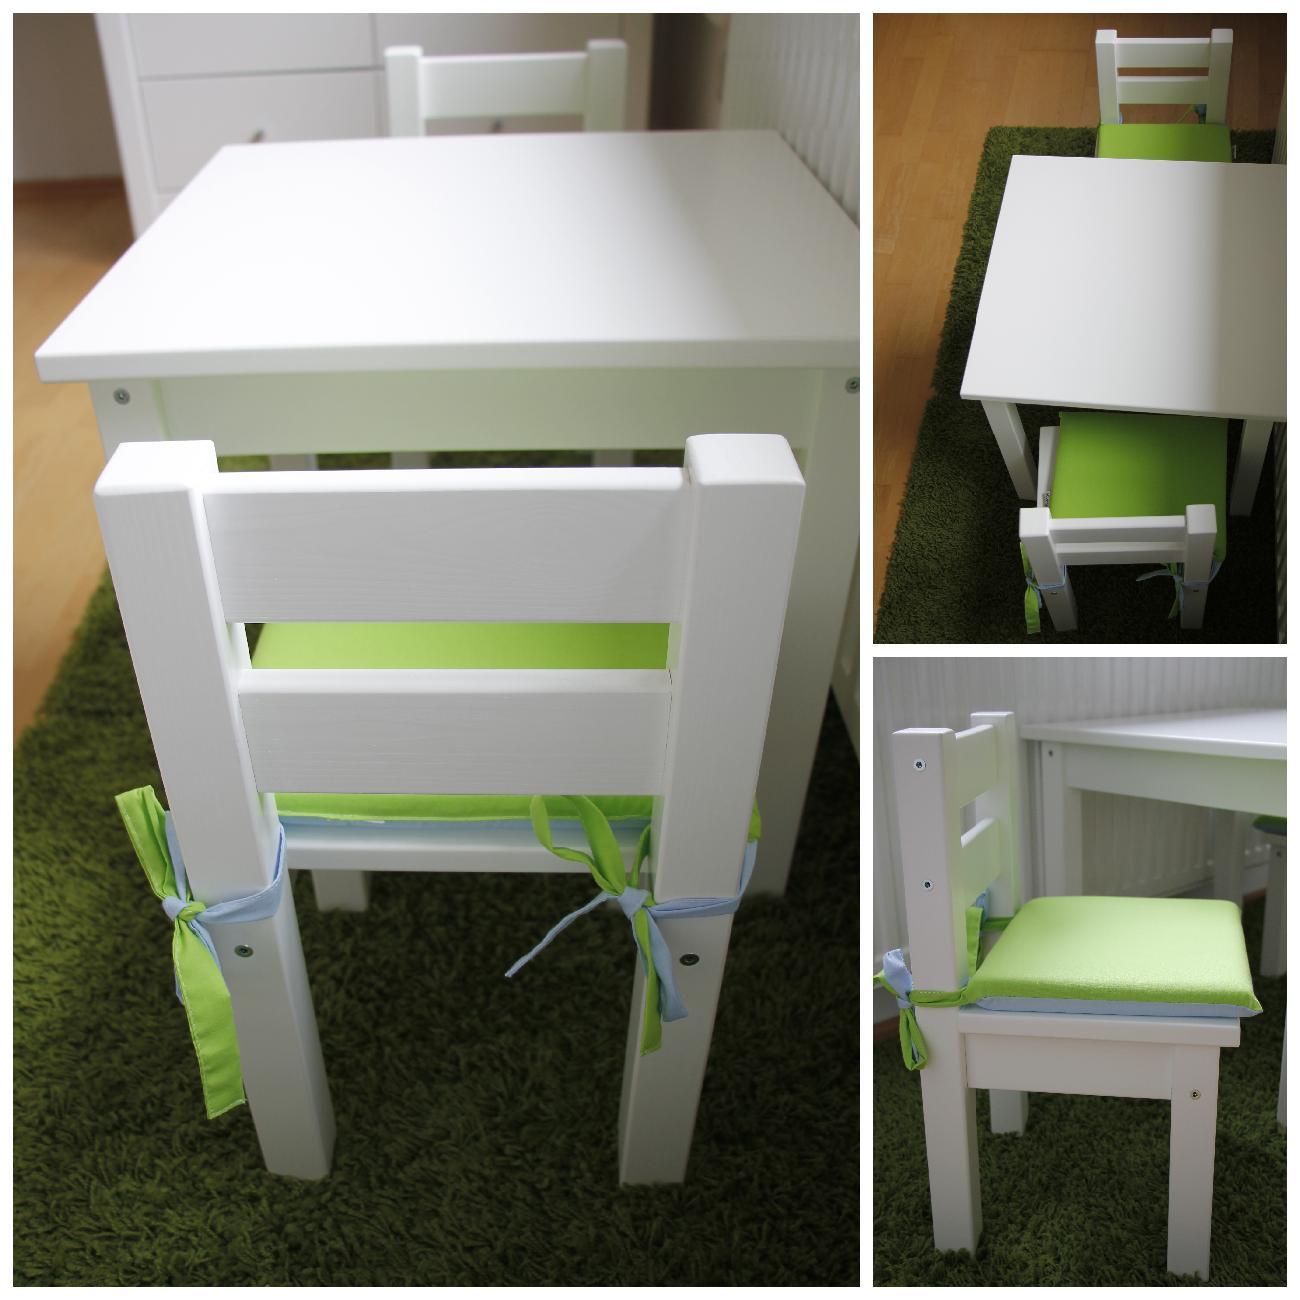 Kinderzimmer einrichten: tipps rund um möbel, deko und mehr ...